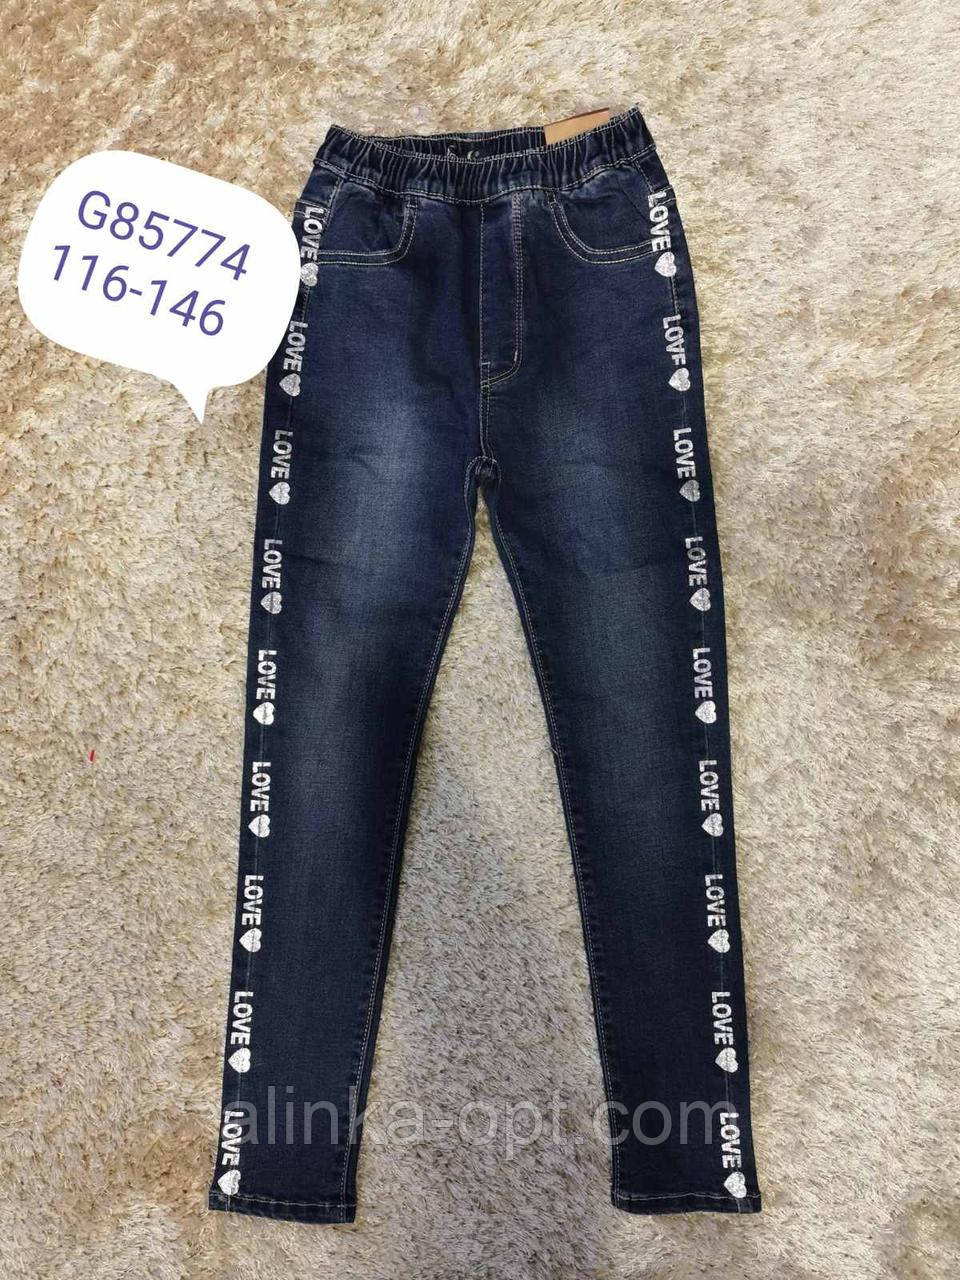 Джинсові брюки для дівчаток Grace Артикул: G85744, 116-146 рр.